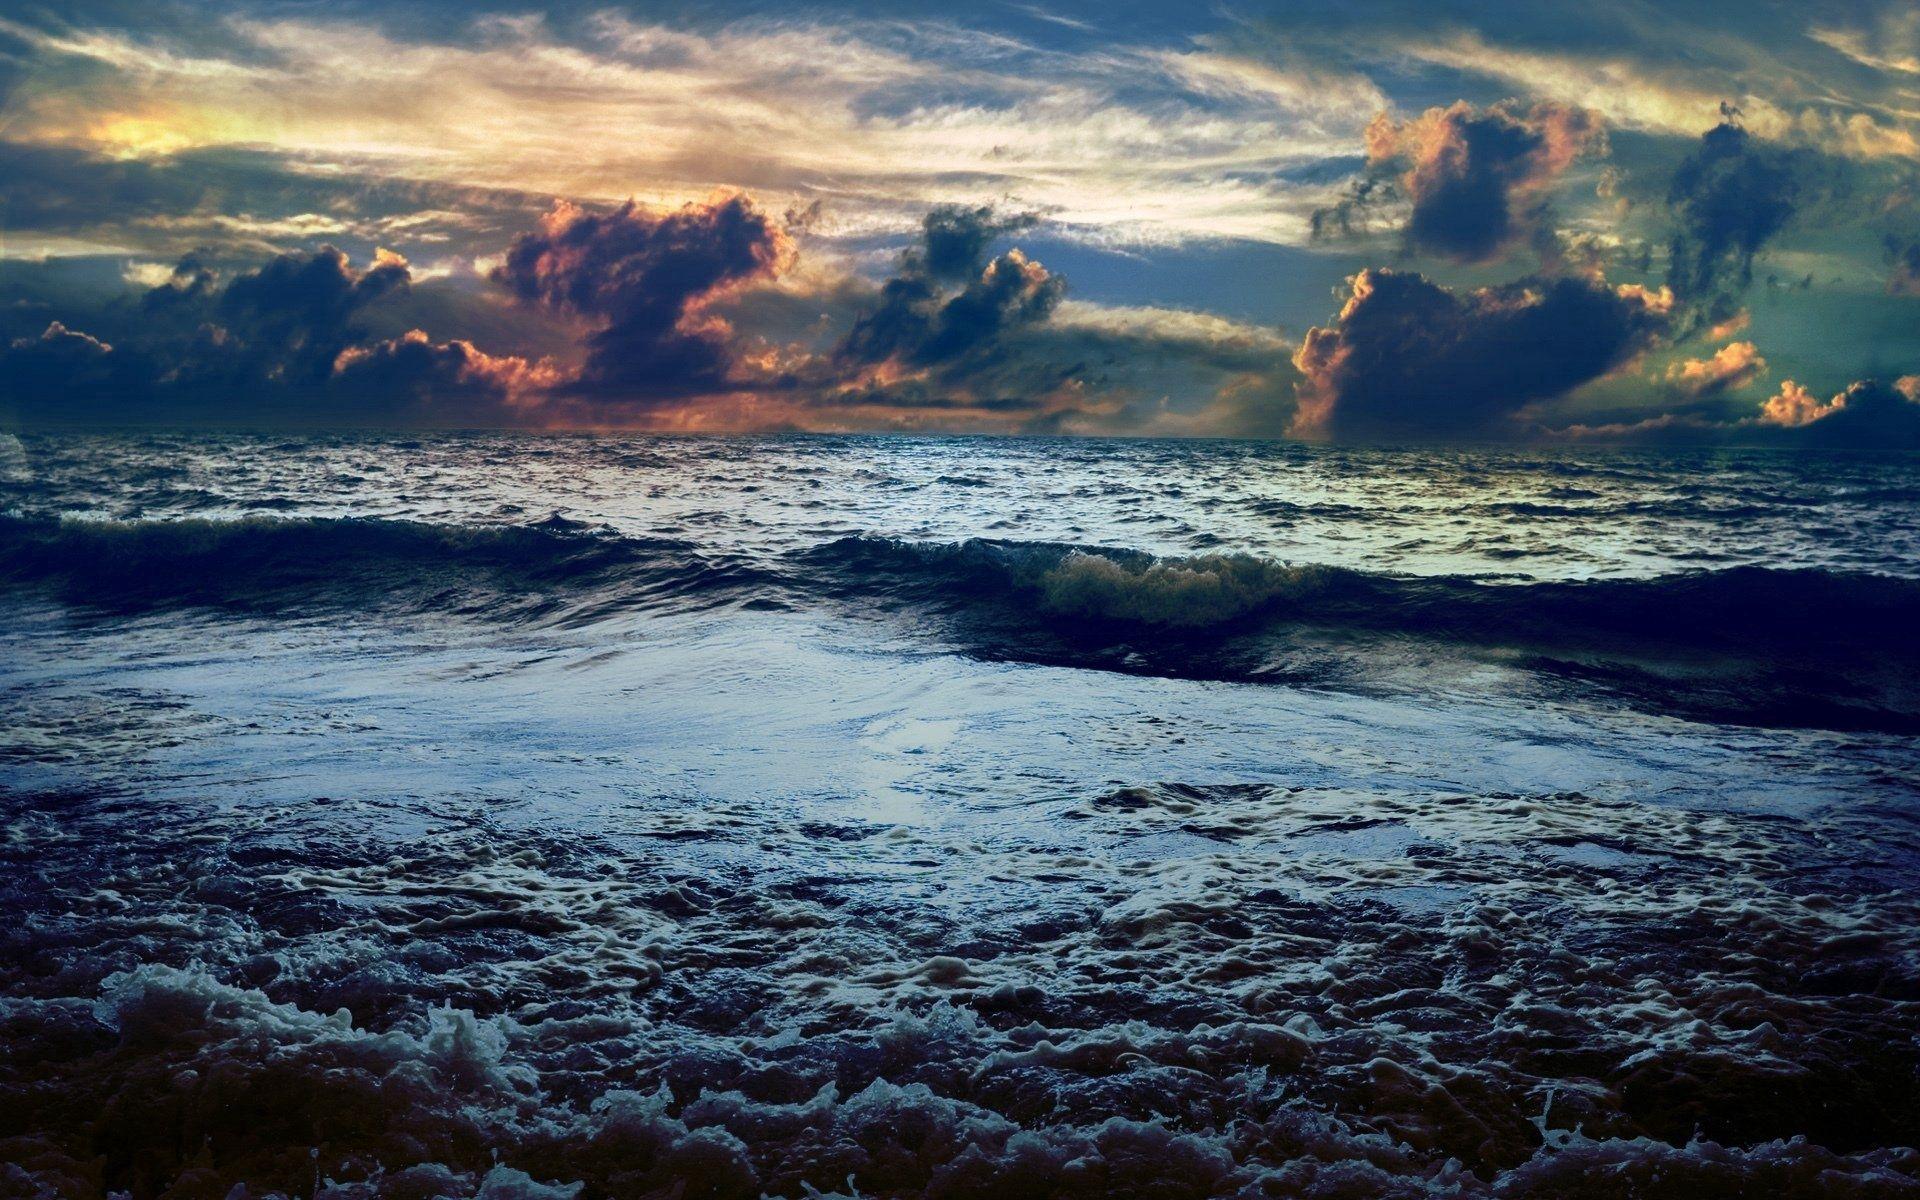 135581 скачать обои Природа, Небо, Море, Горизонт, Цвета, Краски, Шторм, Непогода, Бушующее - заставки и картинки бесплатно